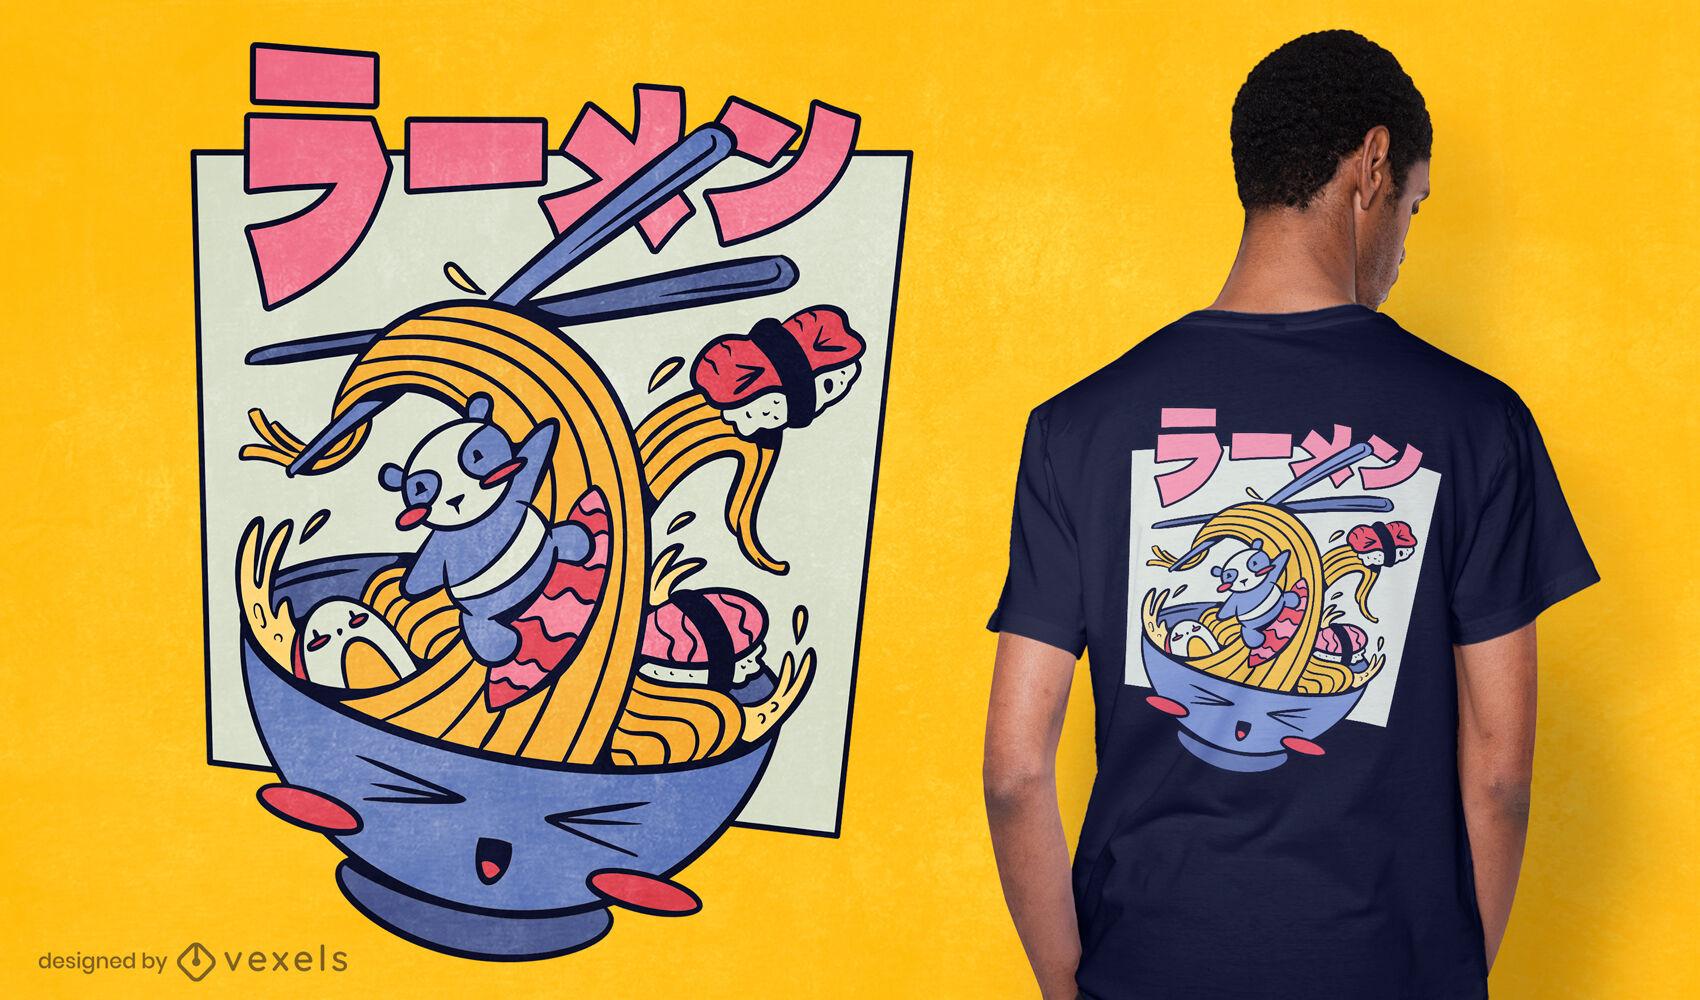 Panda surfeando en dise?o de camiseta ramen